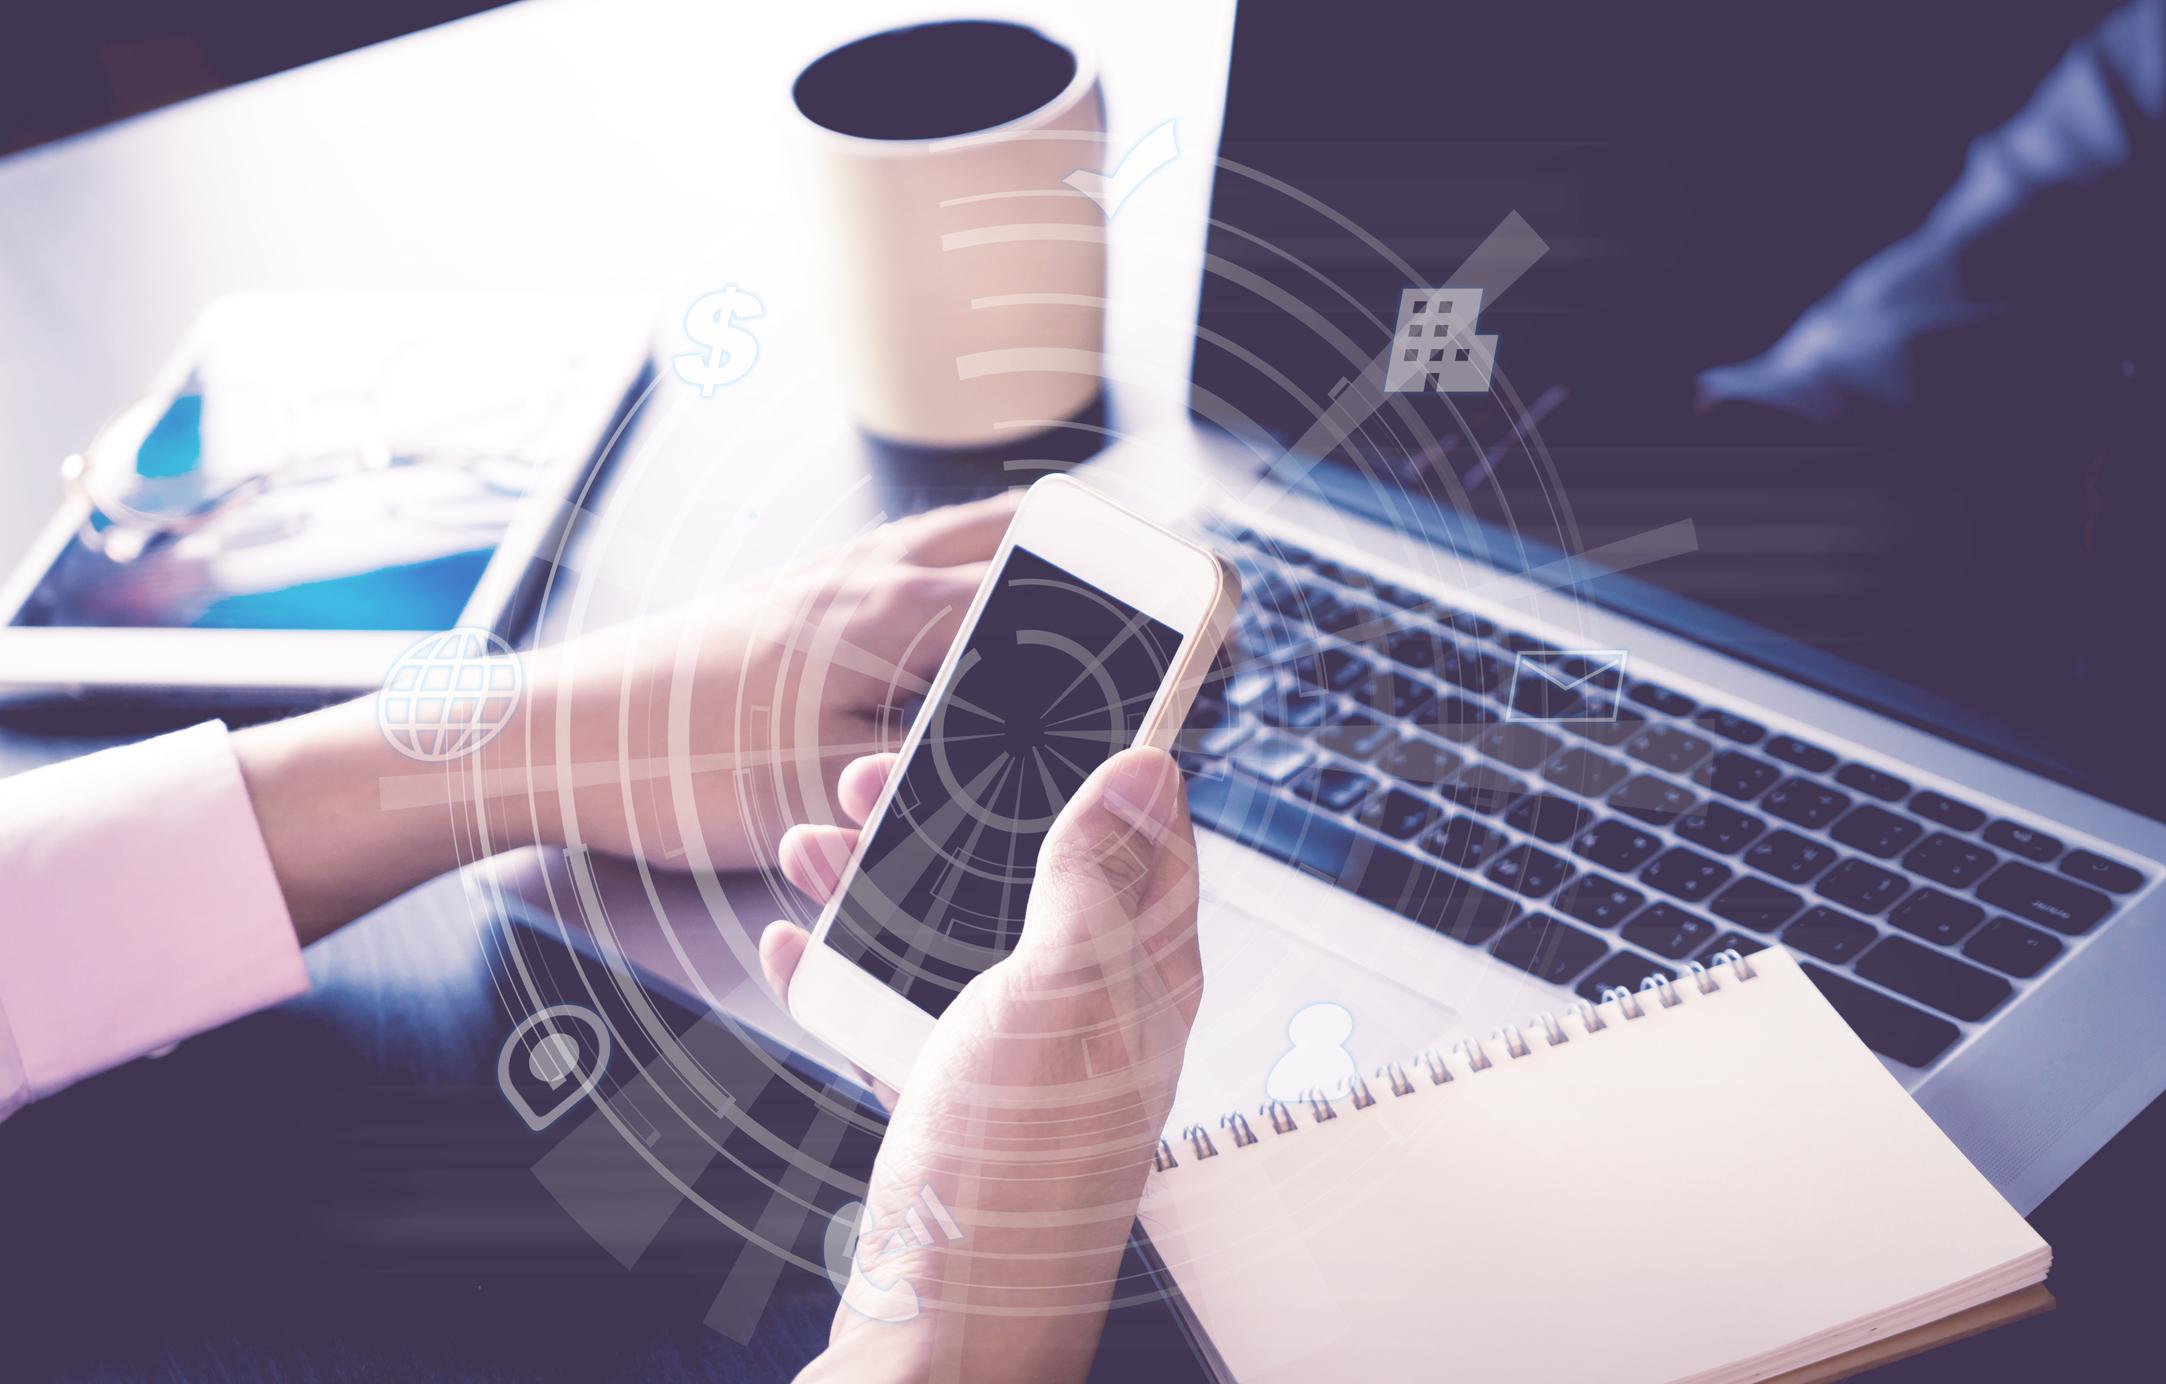 ポケットWi-FiのLTEとスマホで使われているLTE